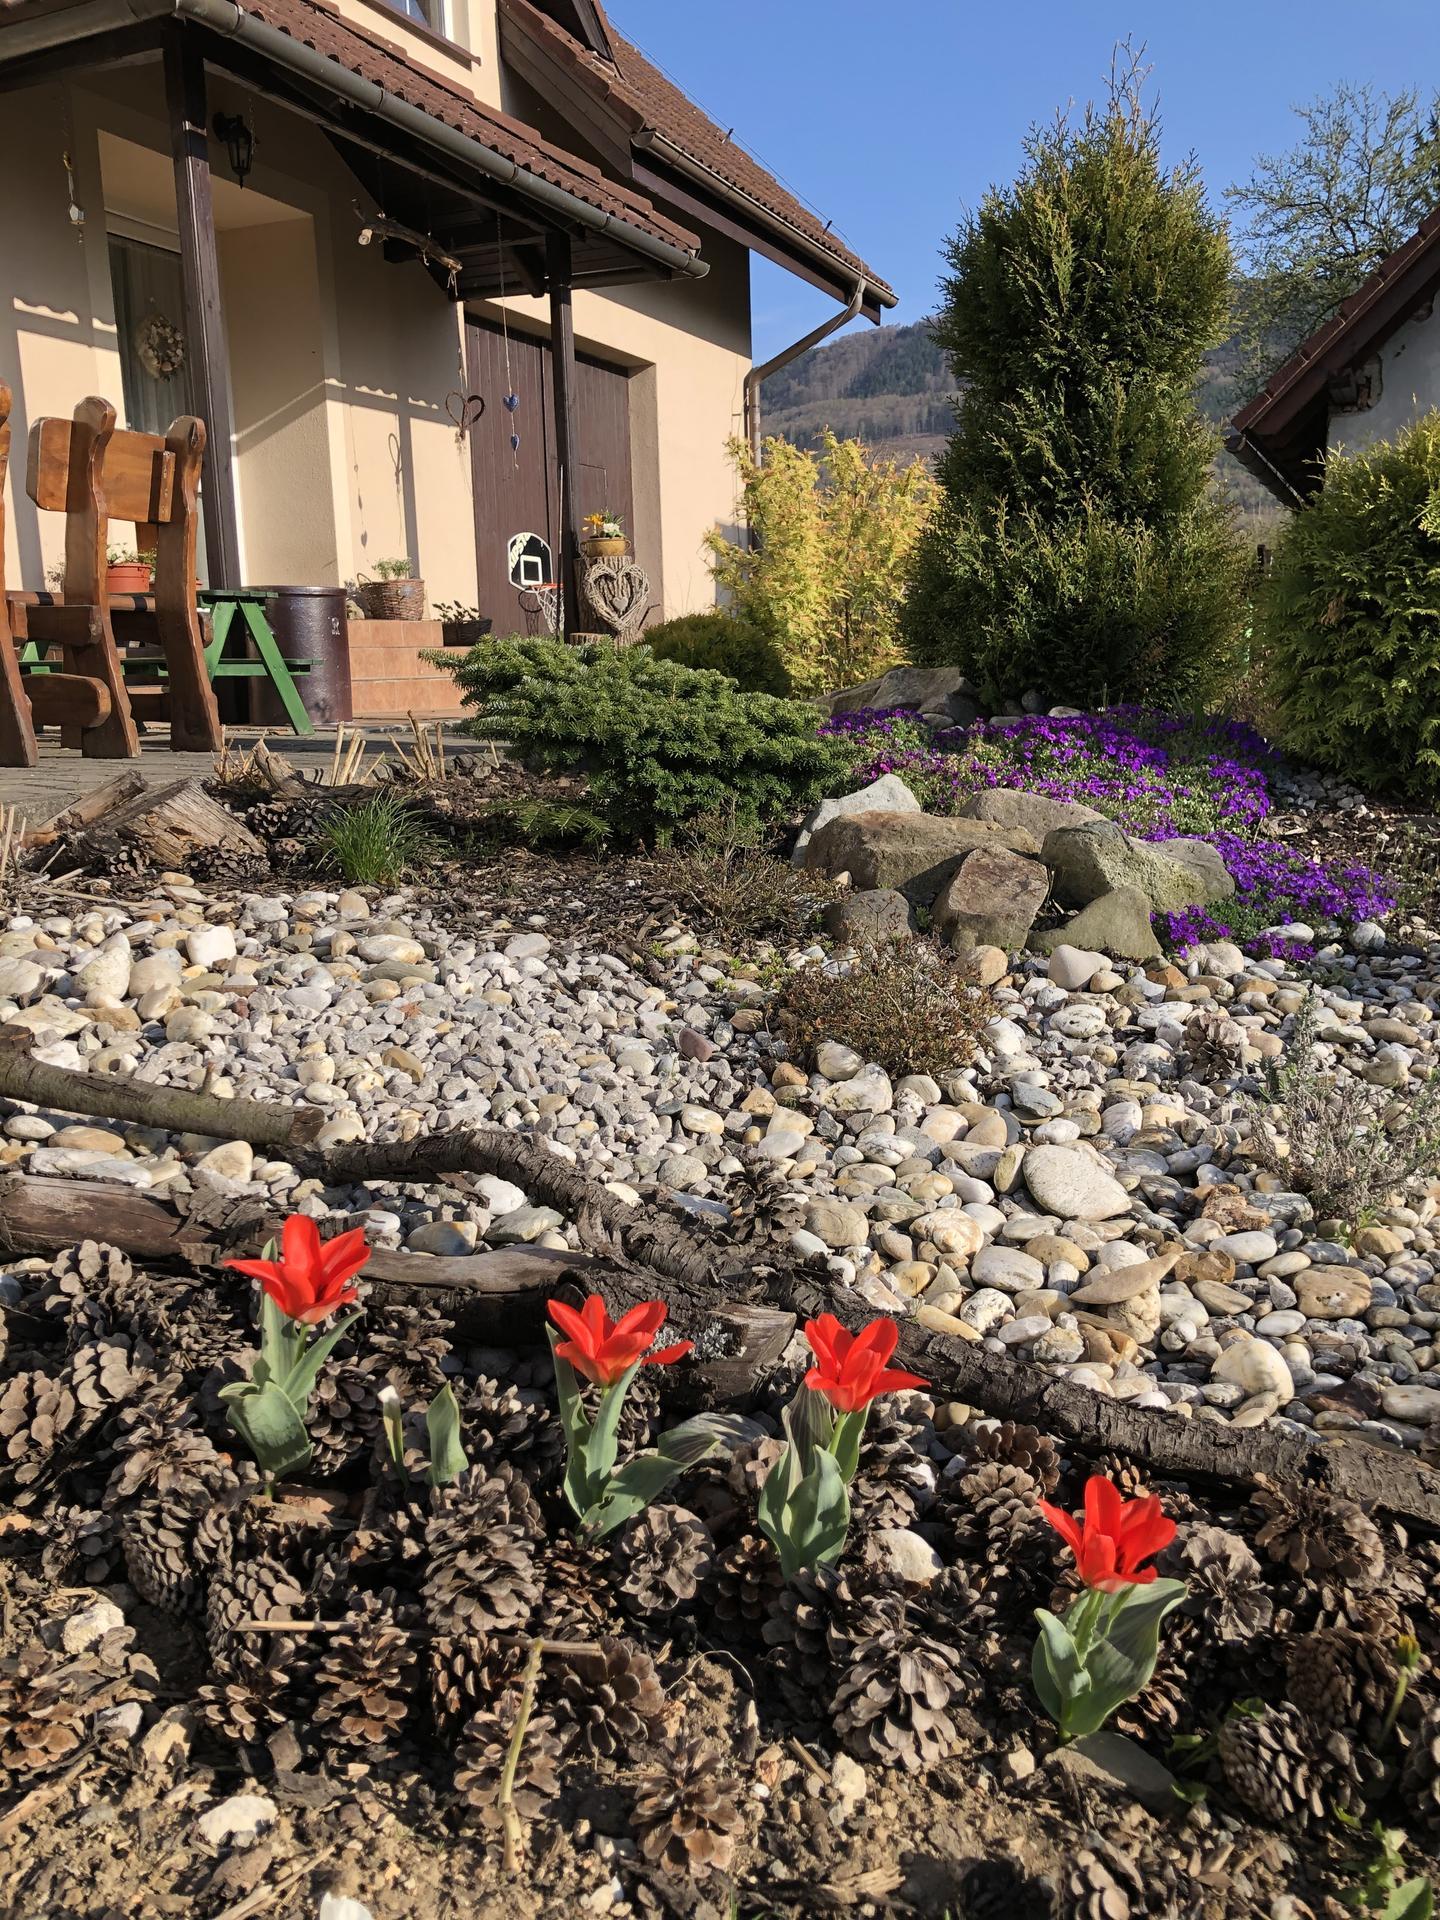 U nás doma a na zahradě 2020 - Obrázek č. 49